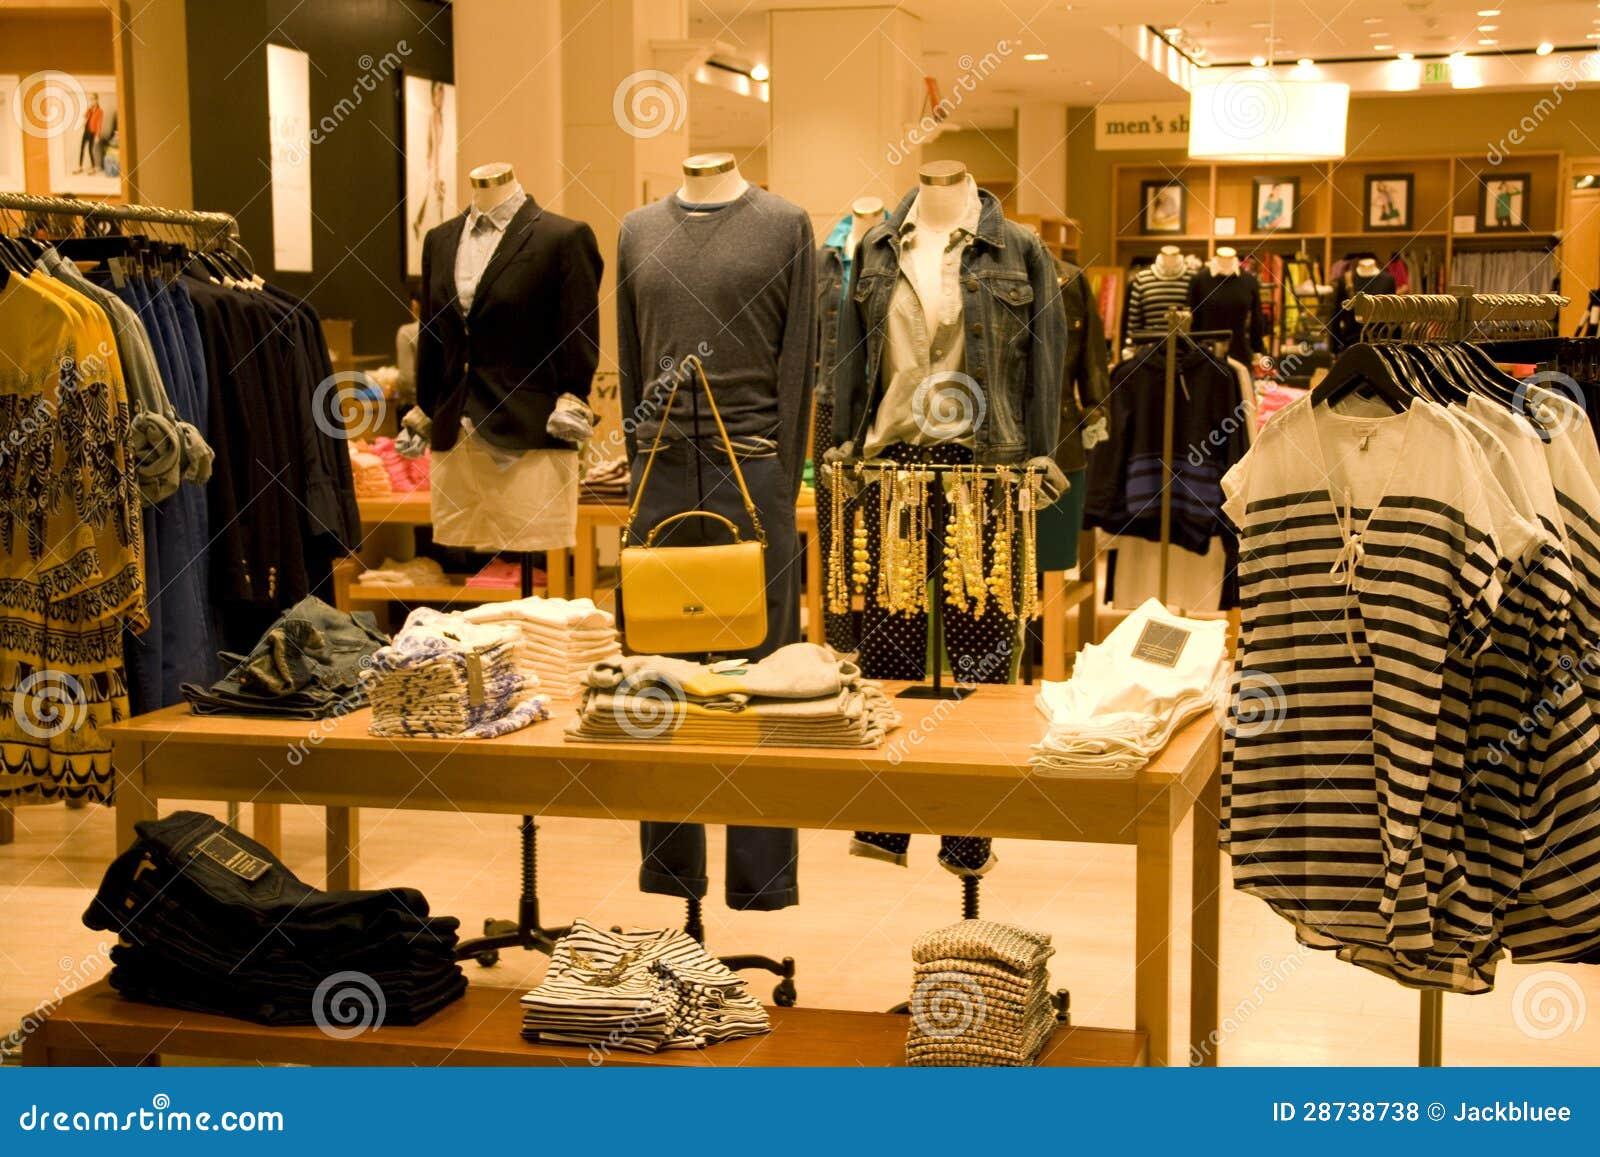 568b36d8a Para Mujer Hombre De Venta Ropa En Tienda Del La Elegante Y OZukXPi